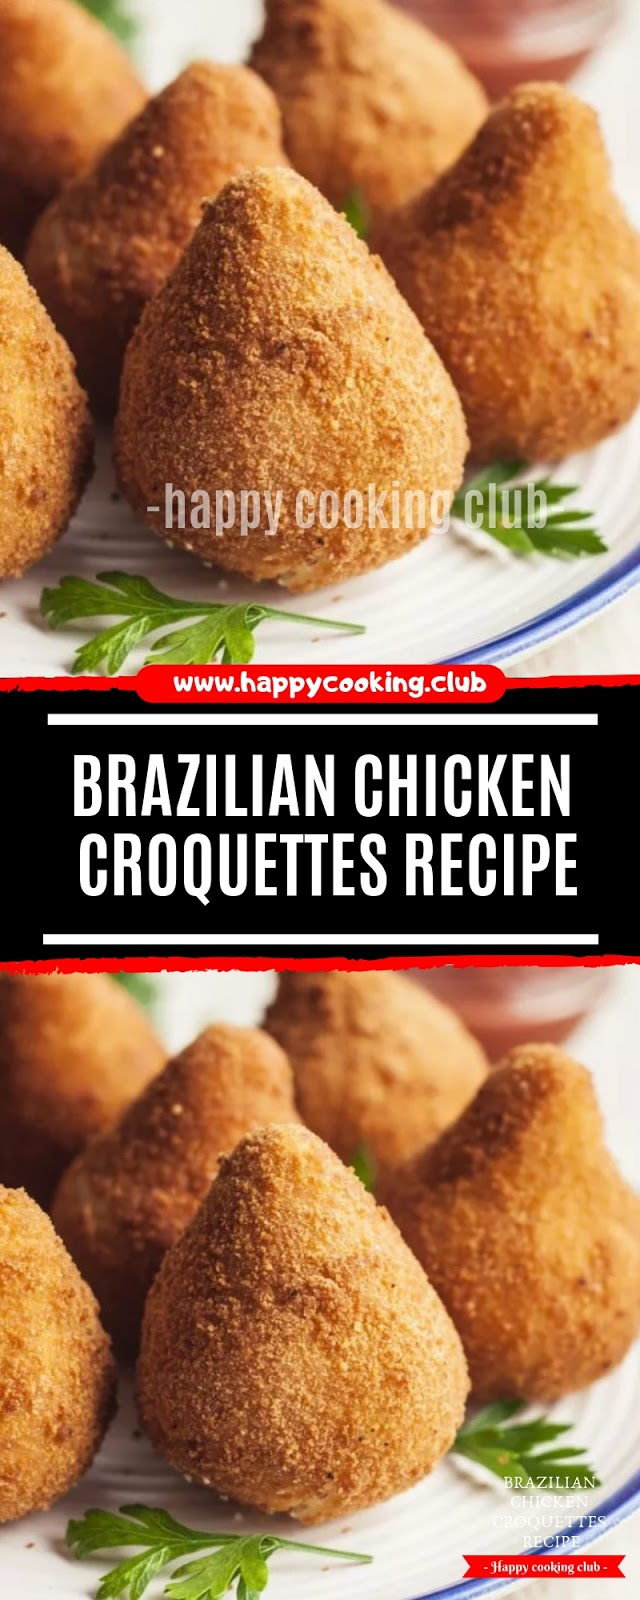 Brazilian Chicken Croquettes Recipe